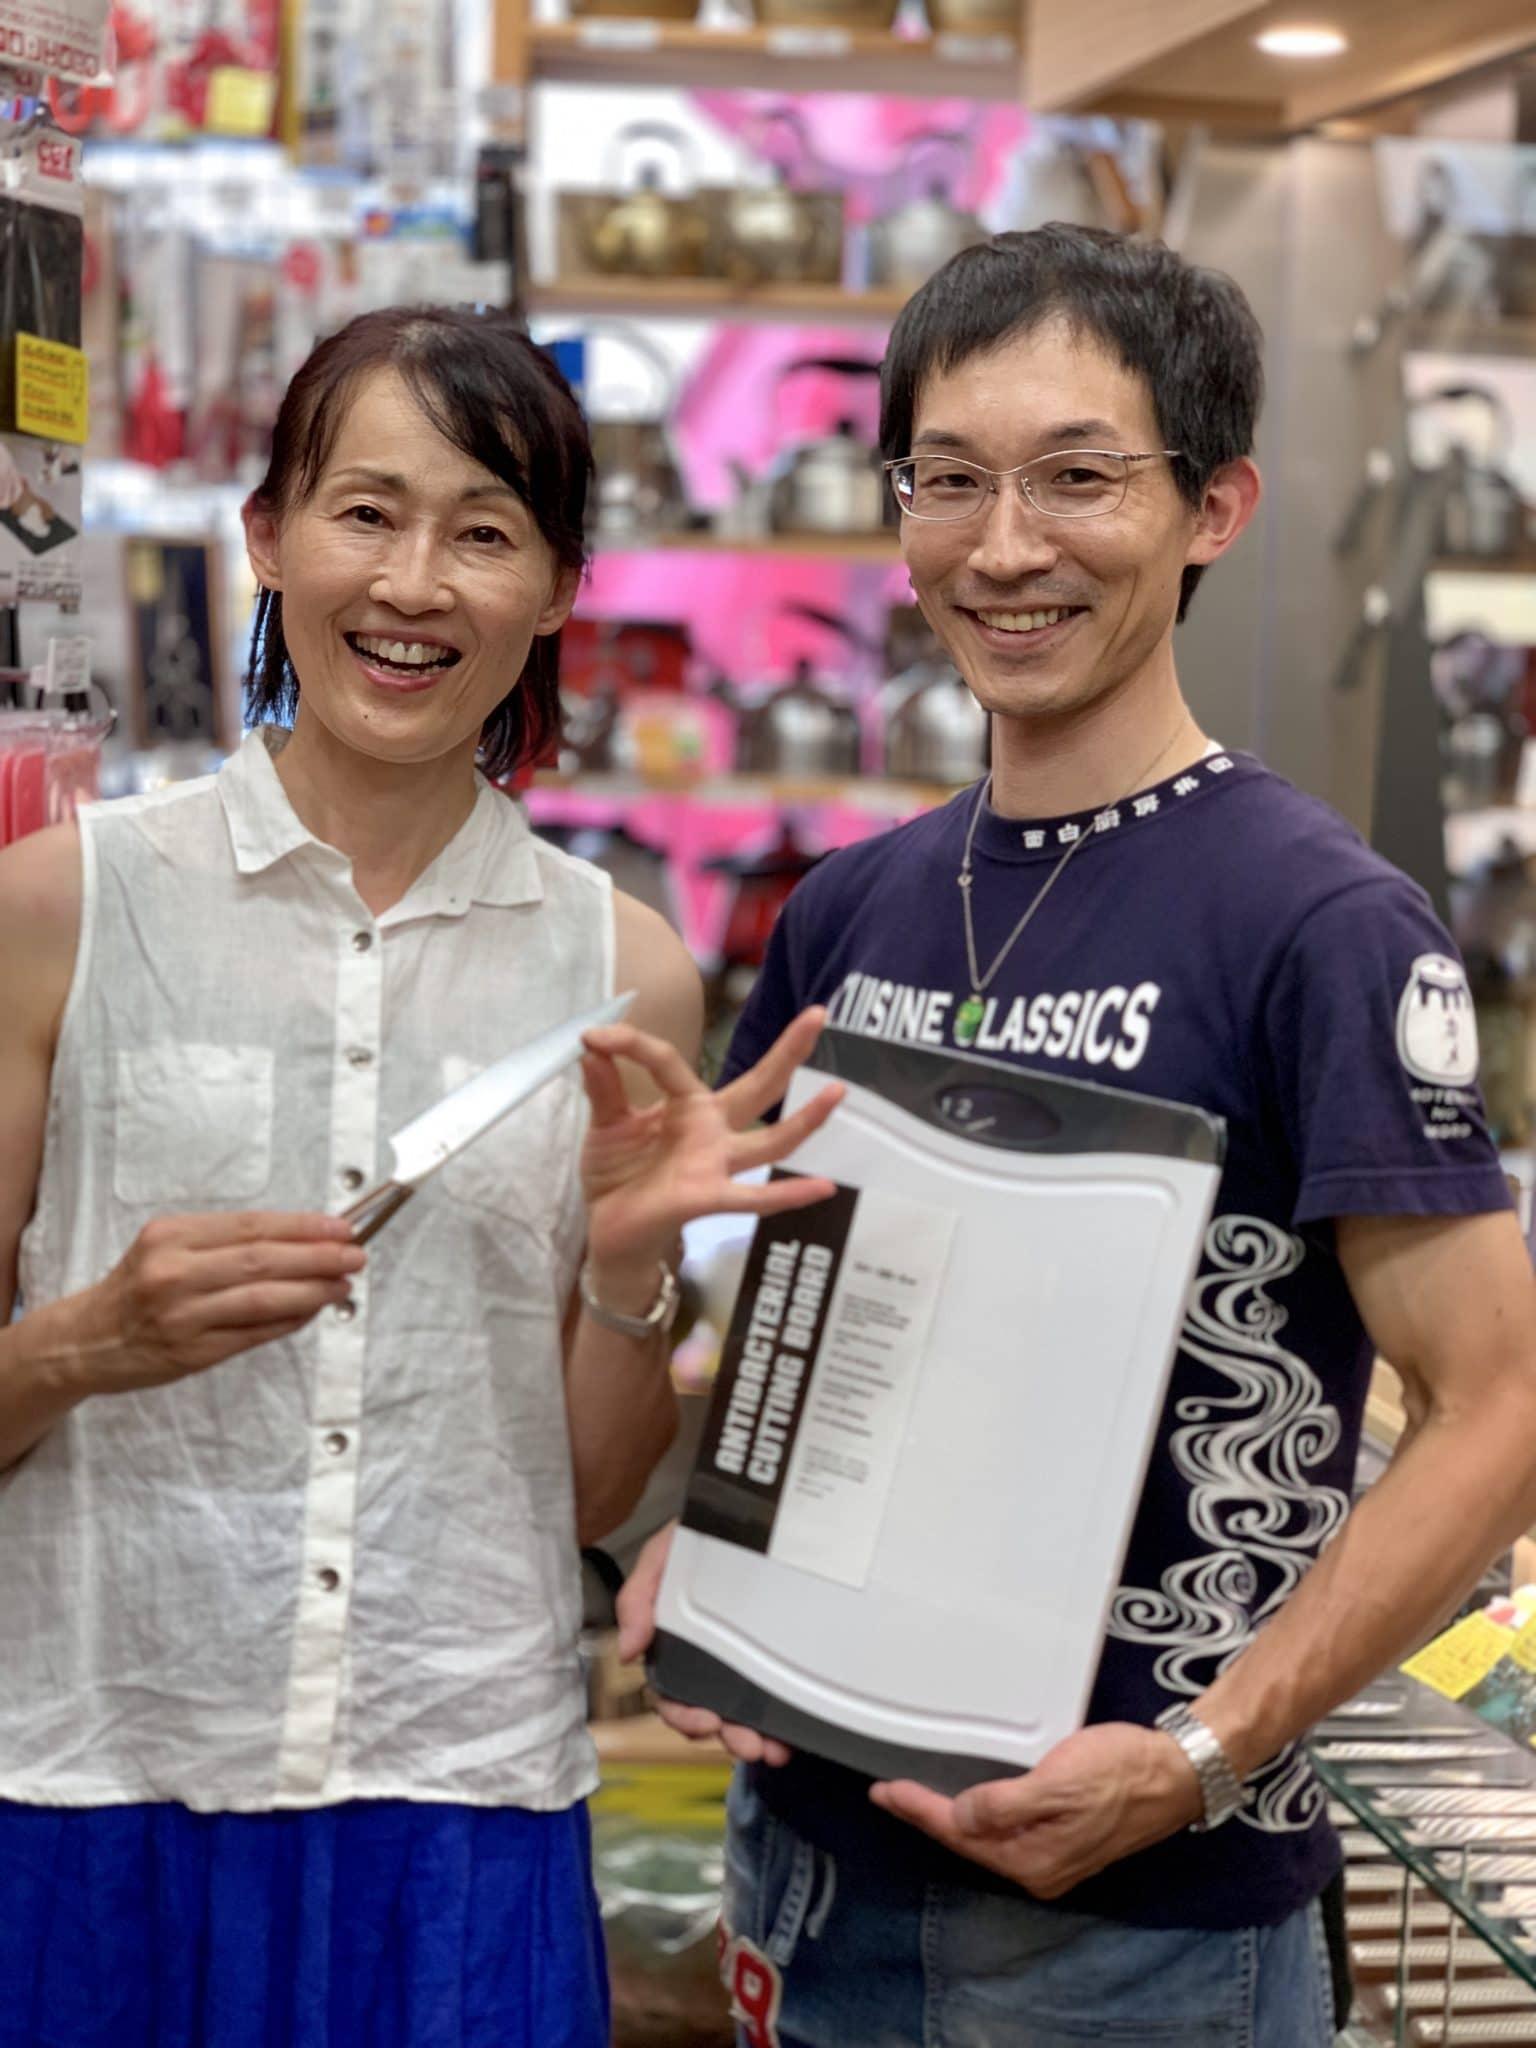 美味しい豚肉の生産者「高橋真二郎フェア」開催のため、道具をかっぱ橋飯田屋まで買いに行きました!